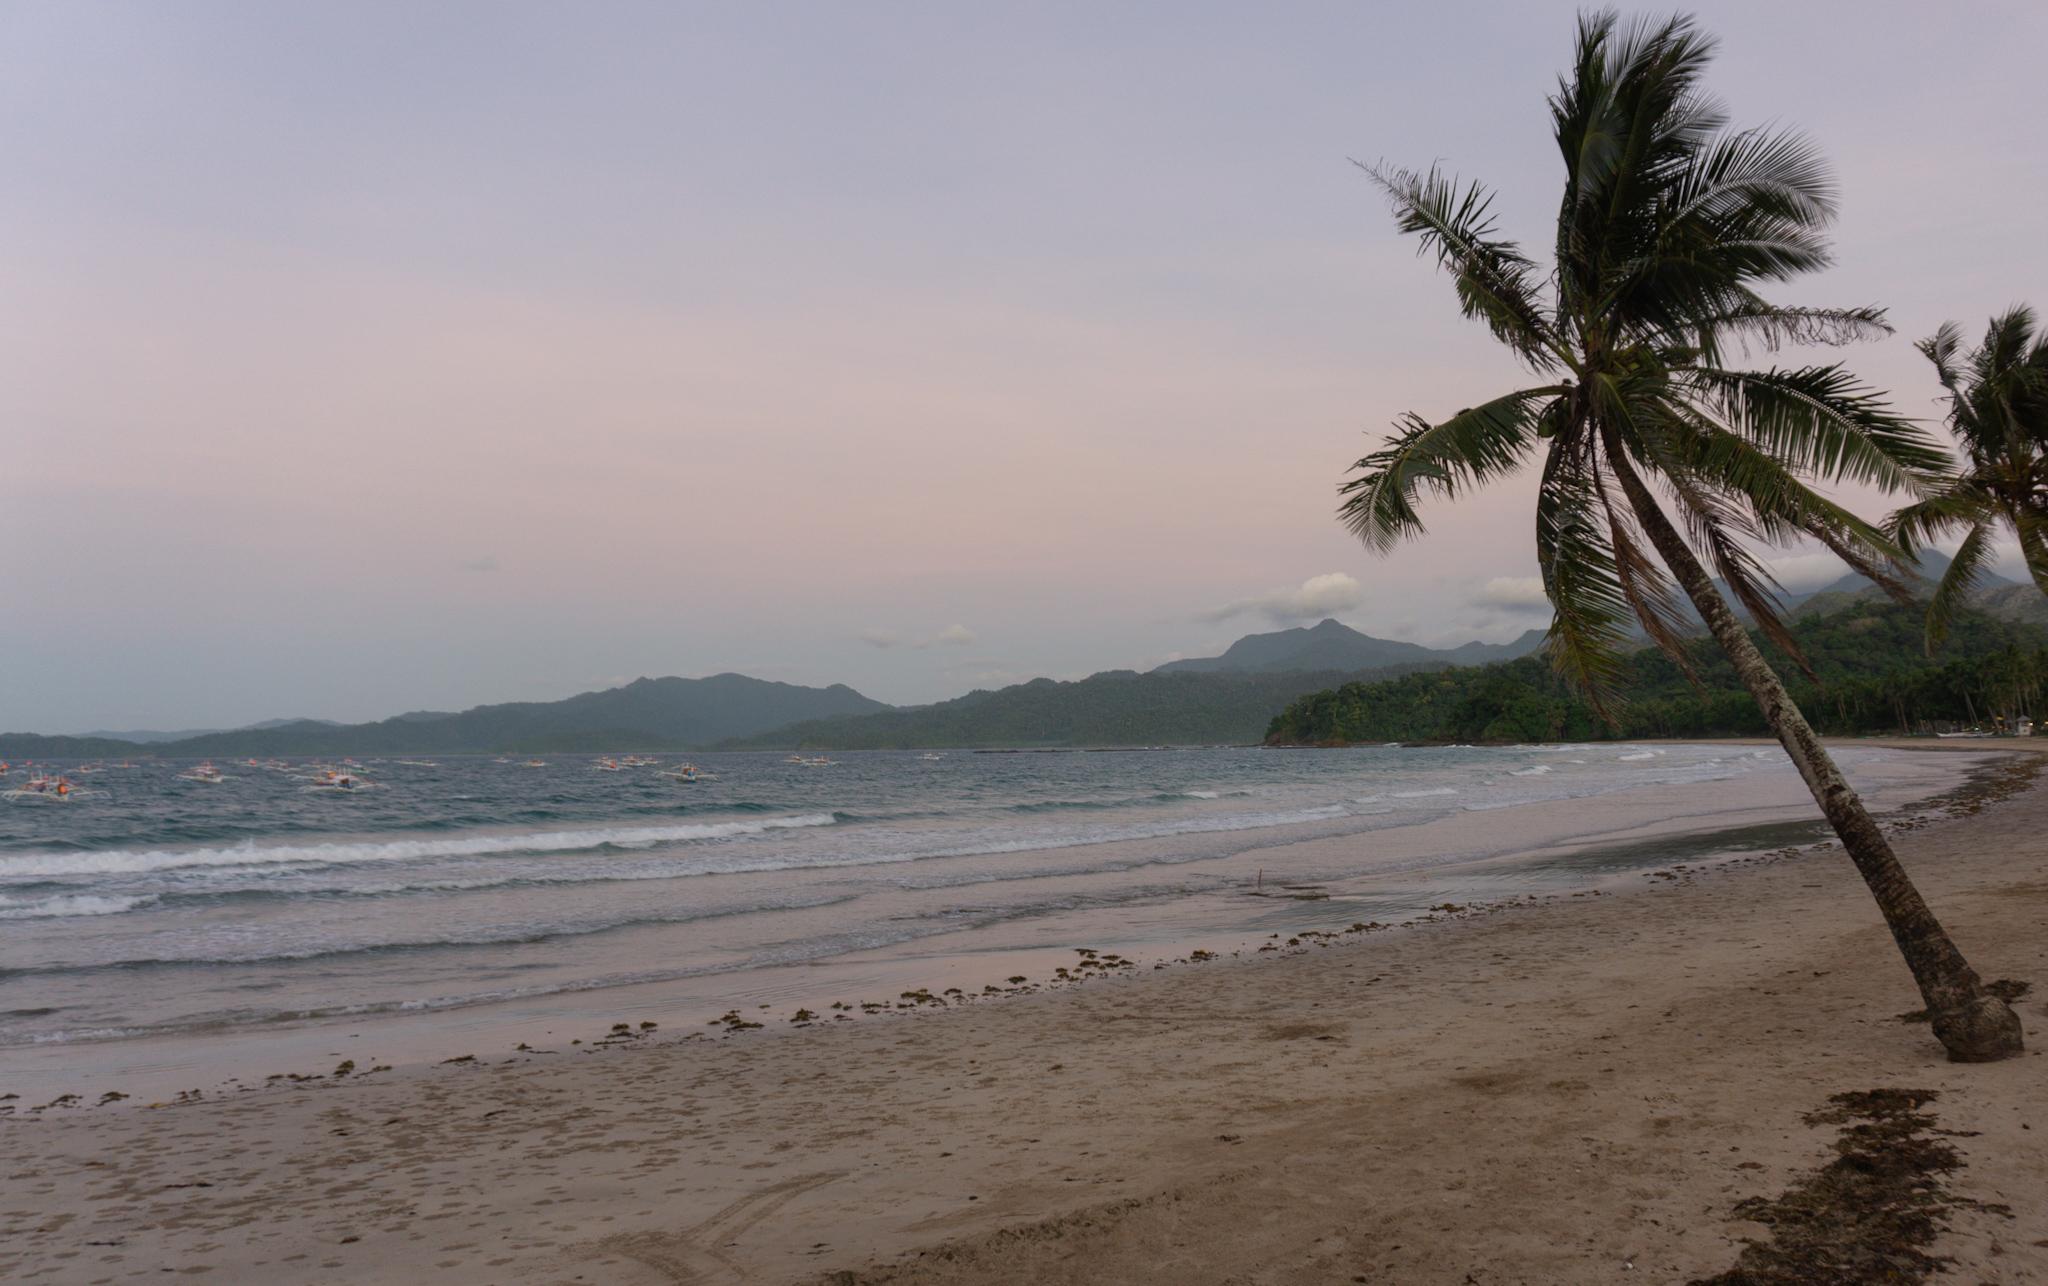 Strand in Sabang, Palawan